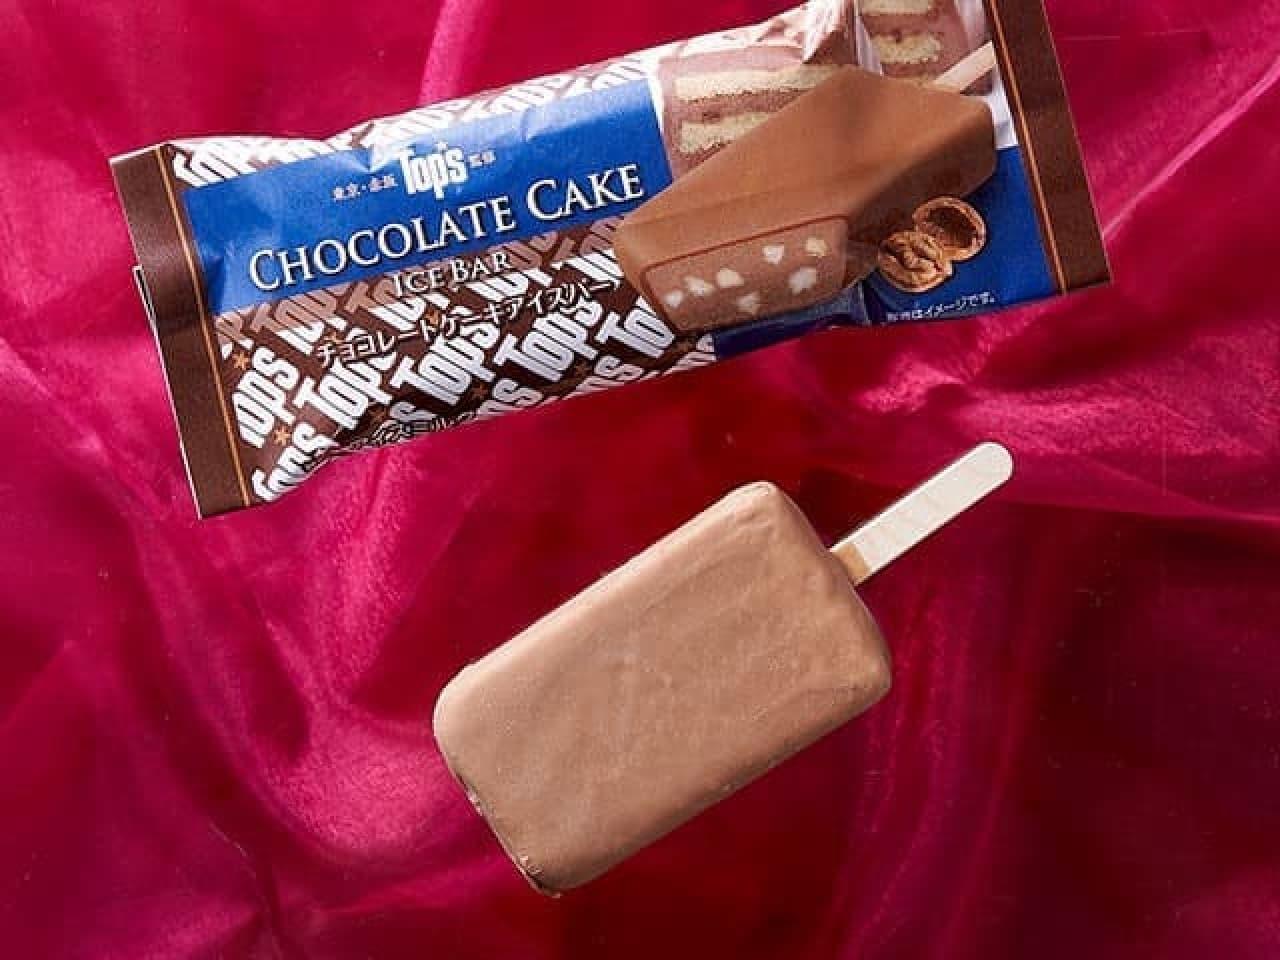 セブン-イレブン限定「トップス チョコレートケーキアイスバー」